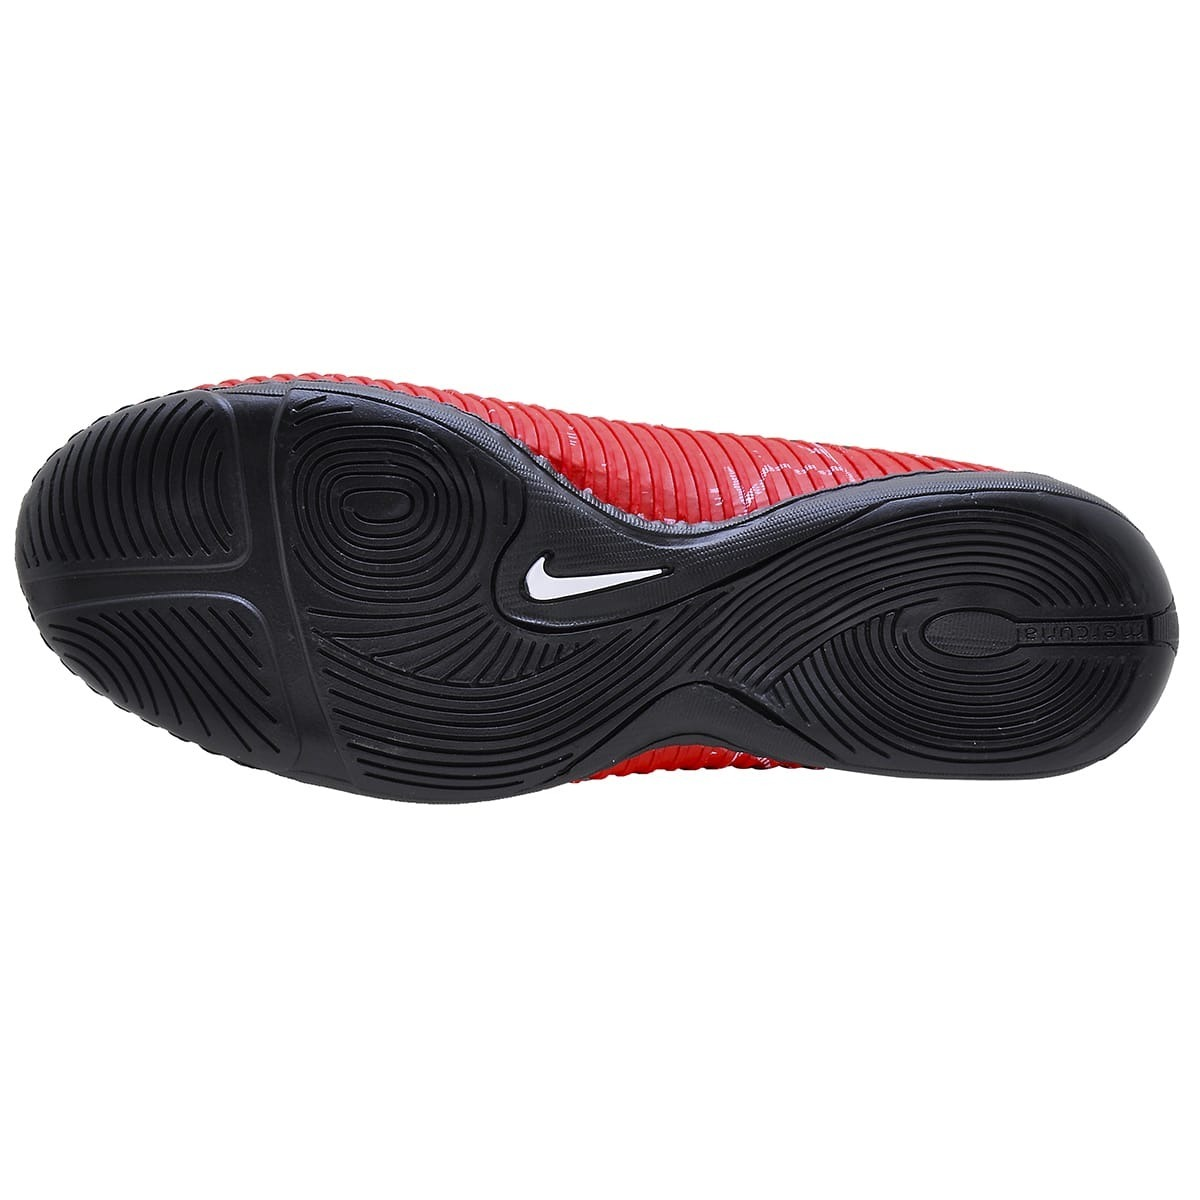 696ecfc211 Kit 3 Pares Chuteira Nike Futebol De Salão Adulto Botinha - R  230 ...